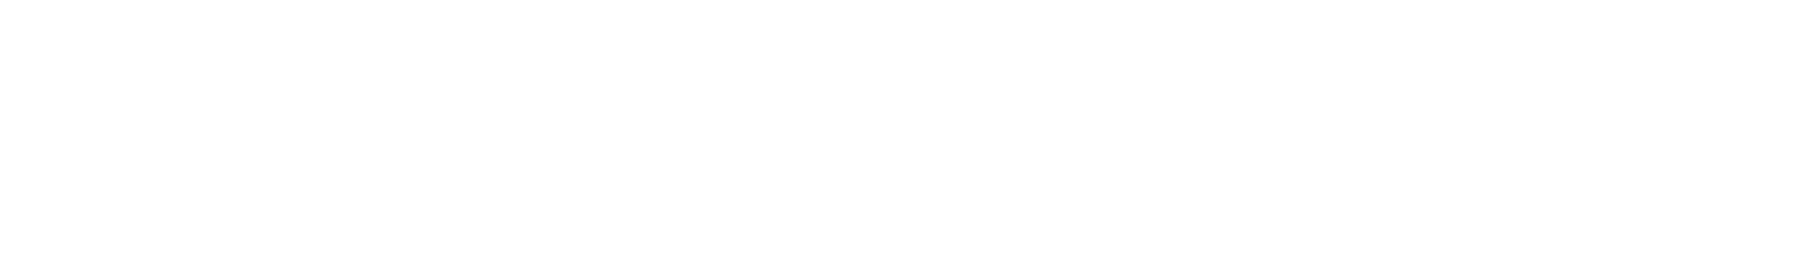 vocal fx   naming future house genre 128 bpm